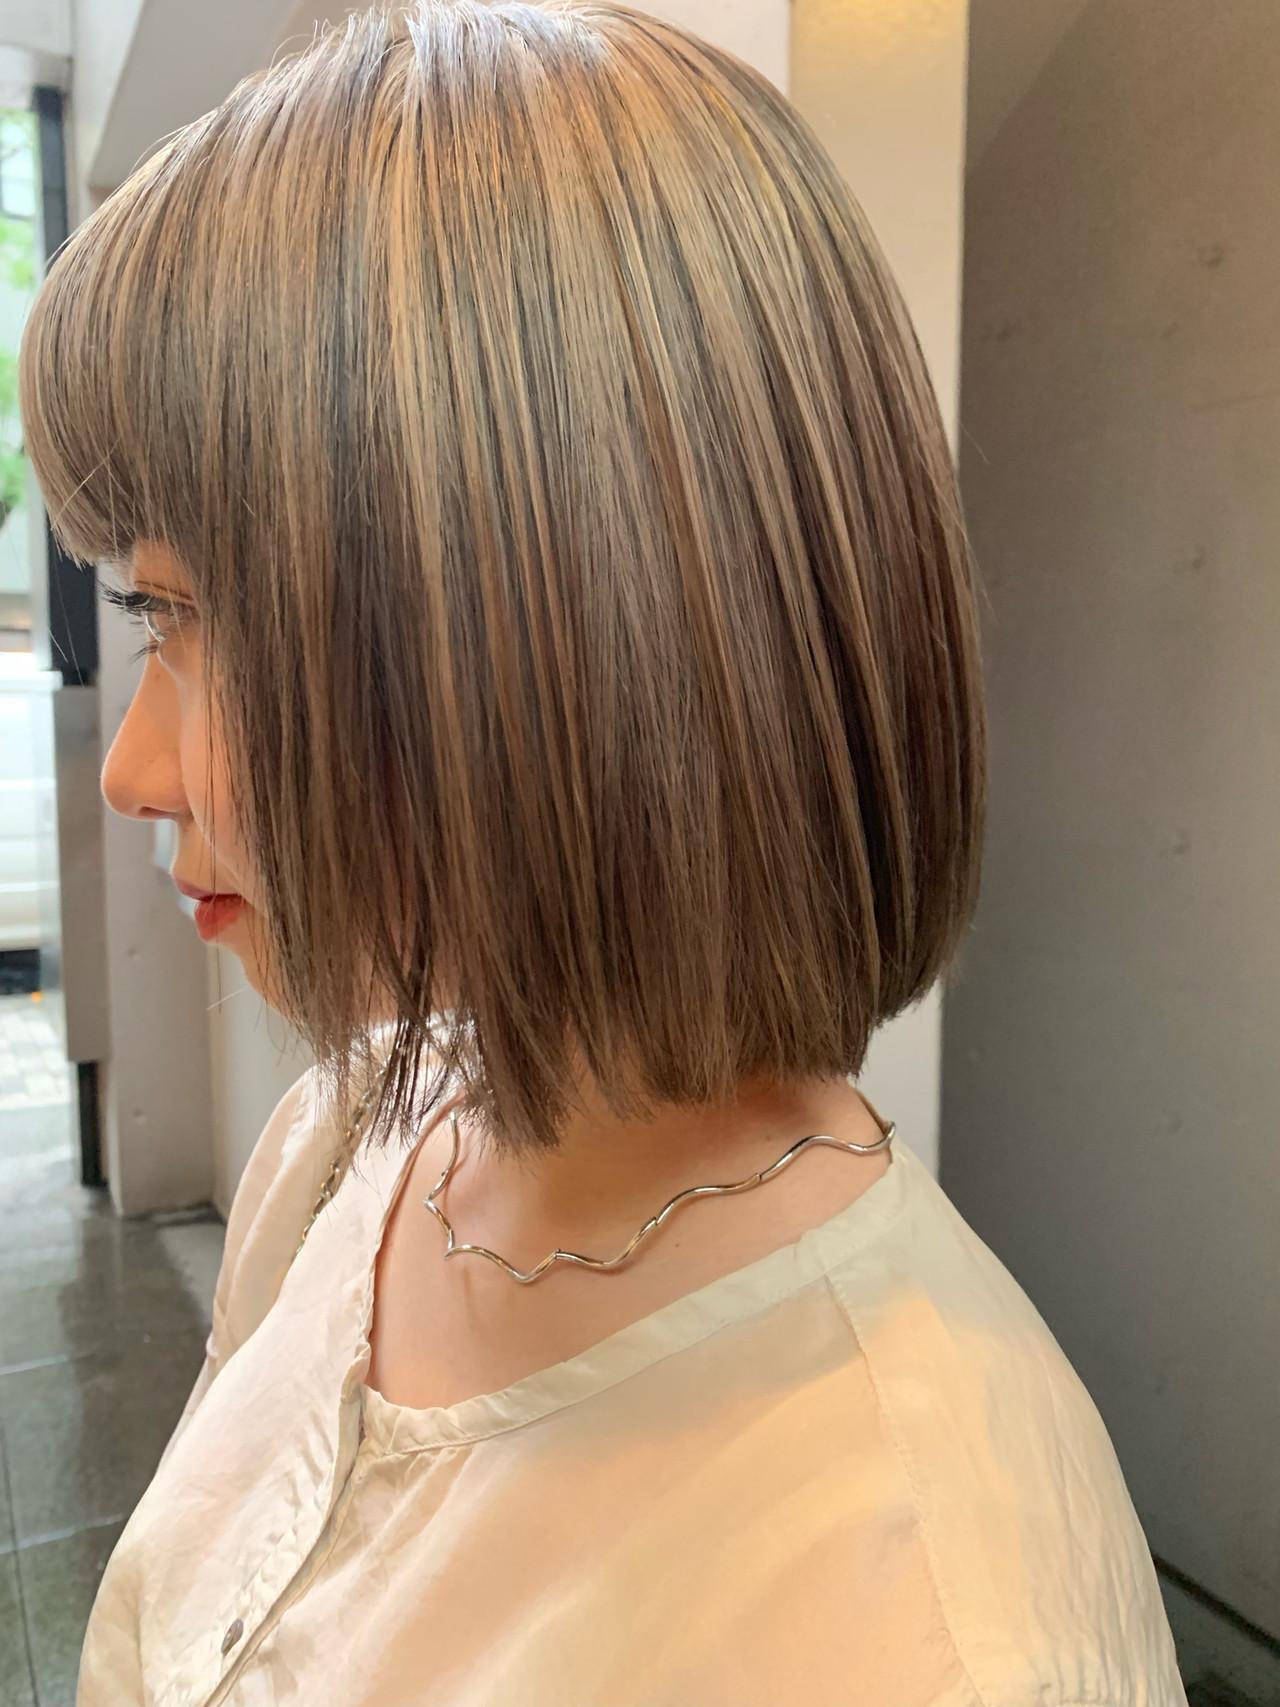 モード 成人式 簡単ヘアアレンジ 結婚式 ヘアスタイルや髪型の写真・画像 | 井上 彩 / Luxe